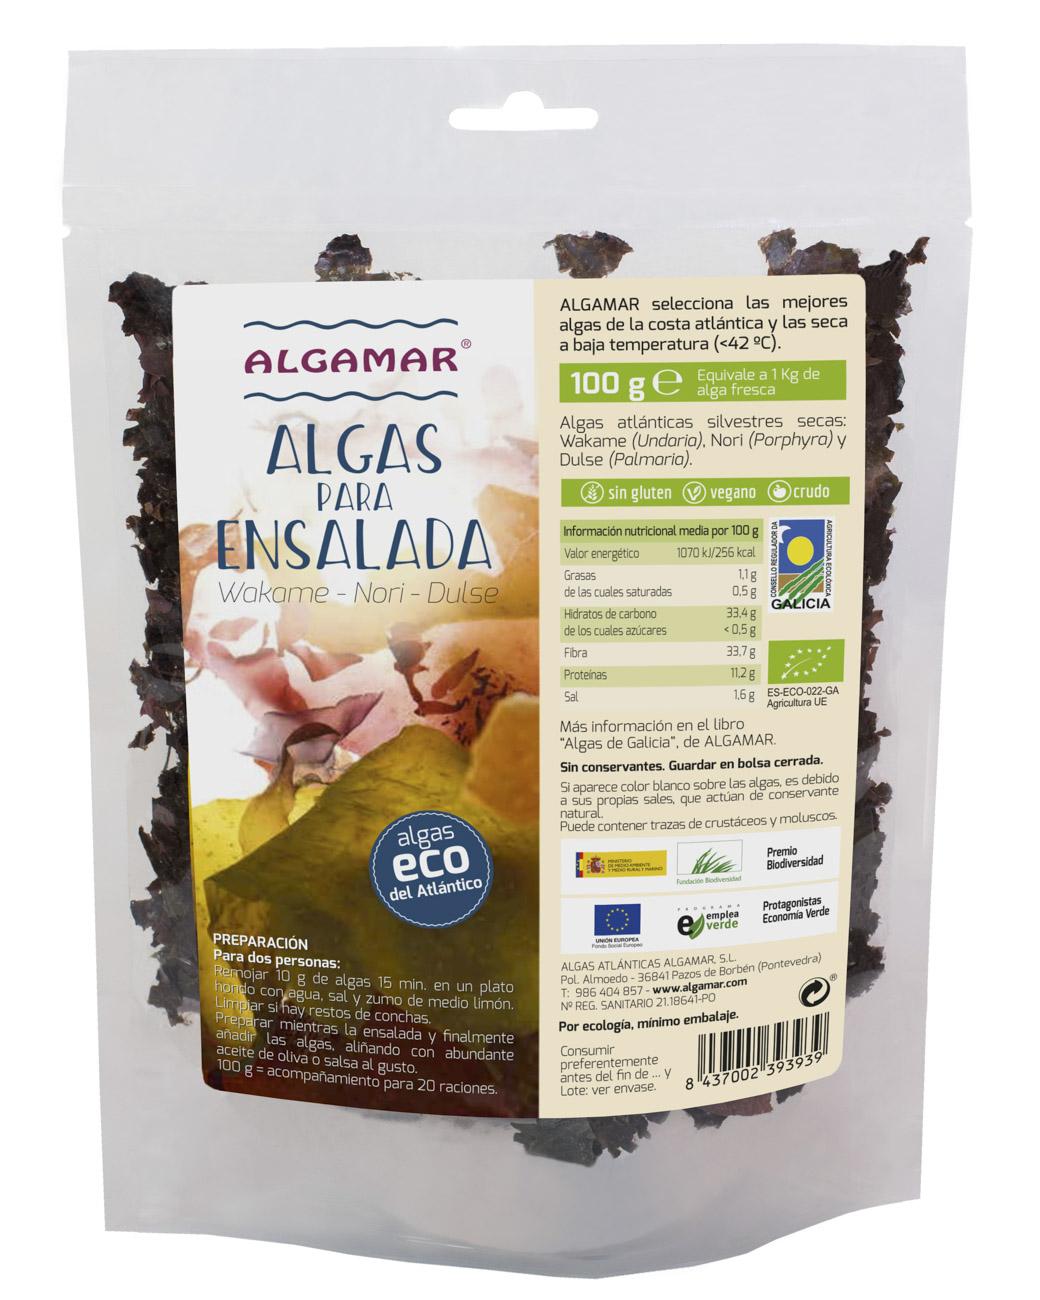 05-algamar-algas-para-ensalada-100g